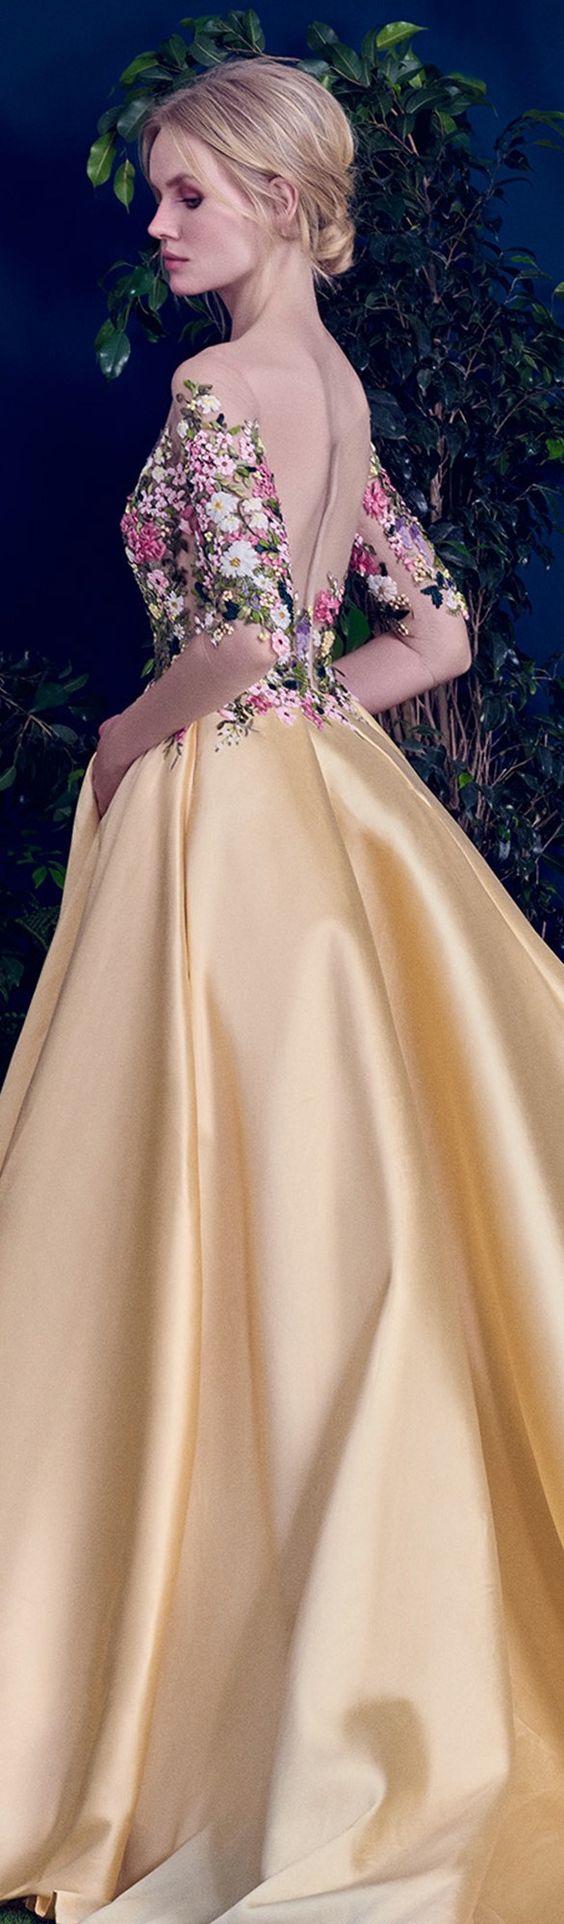 Vestido De Fiesta Y Su Peinado Recogido Moño Rubio Bajo